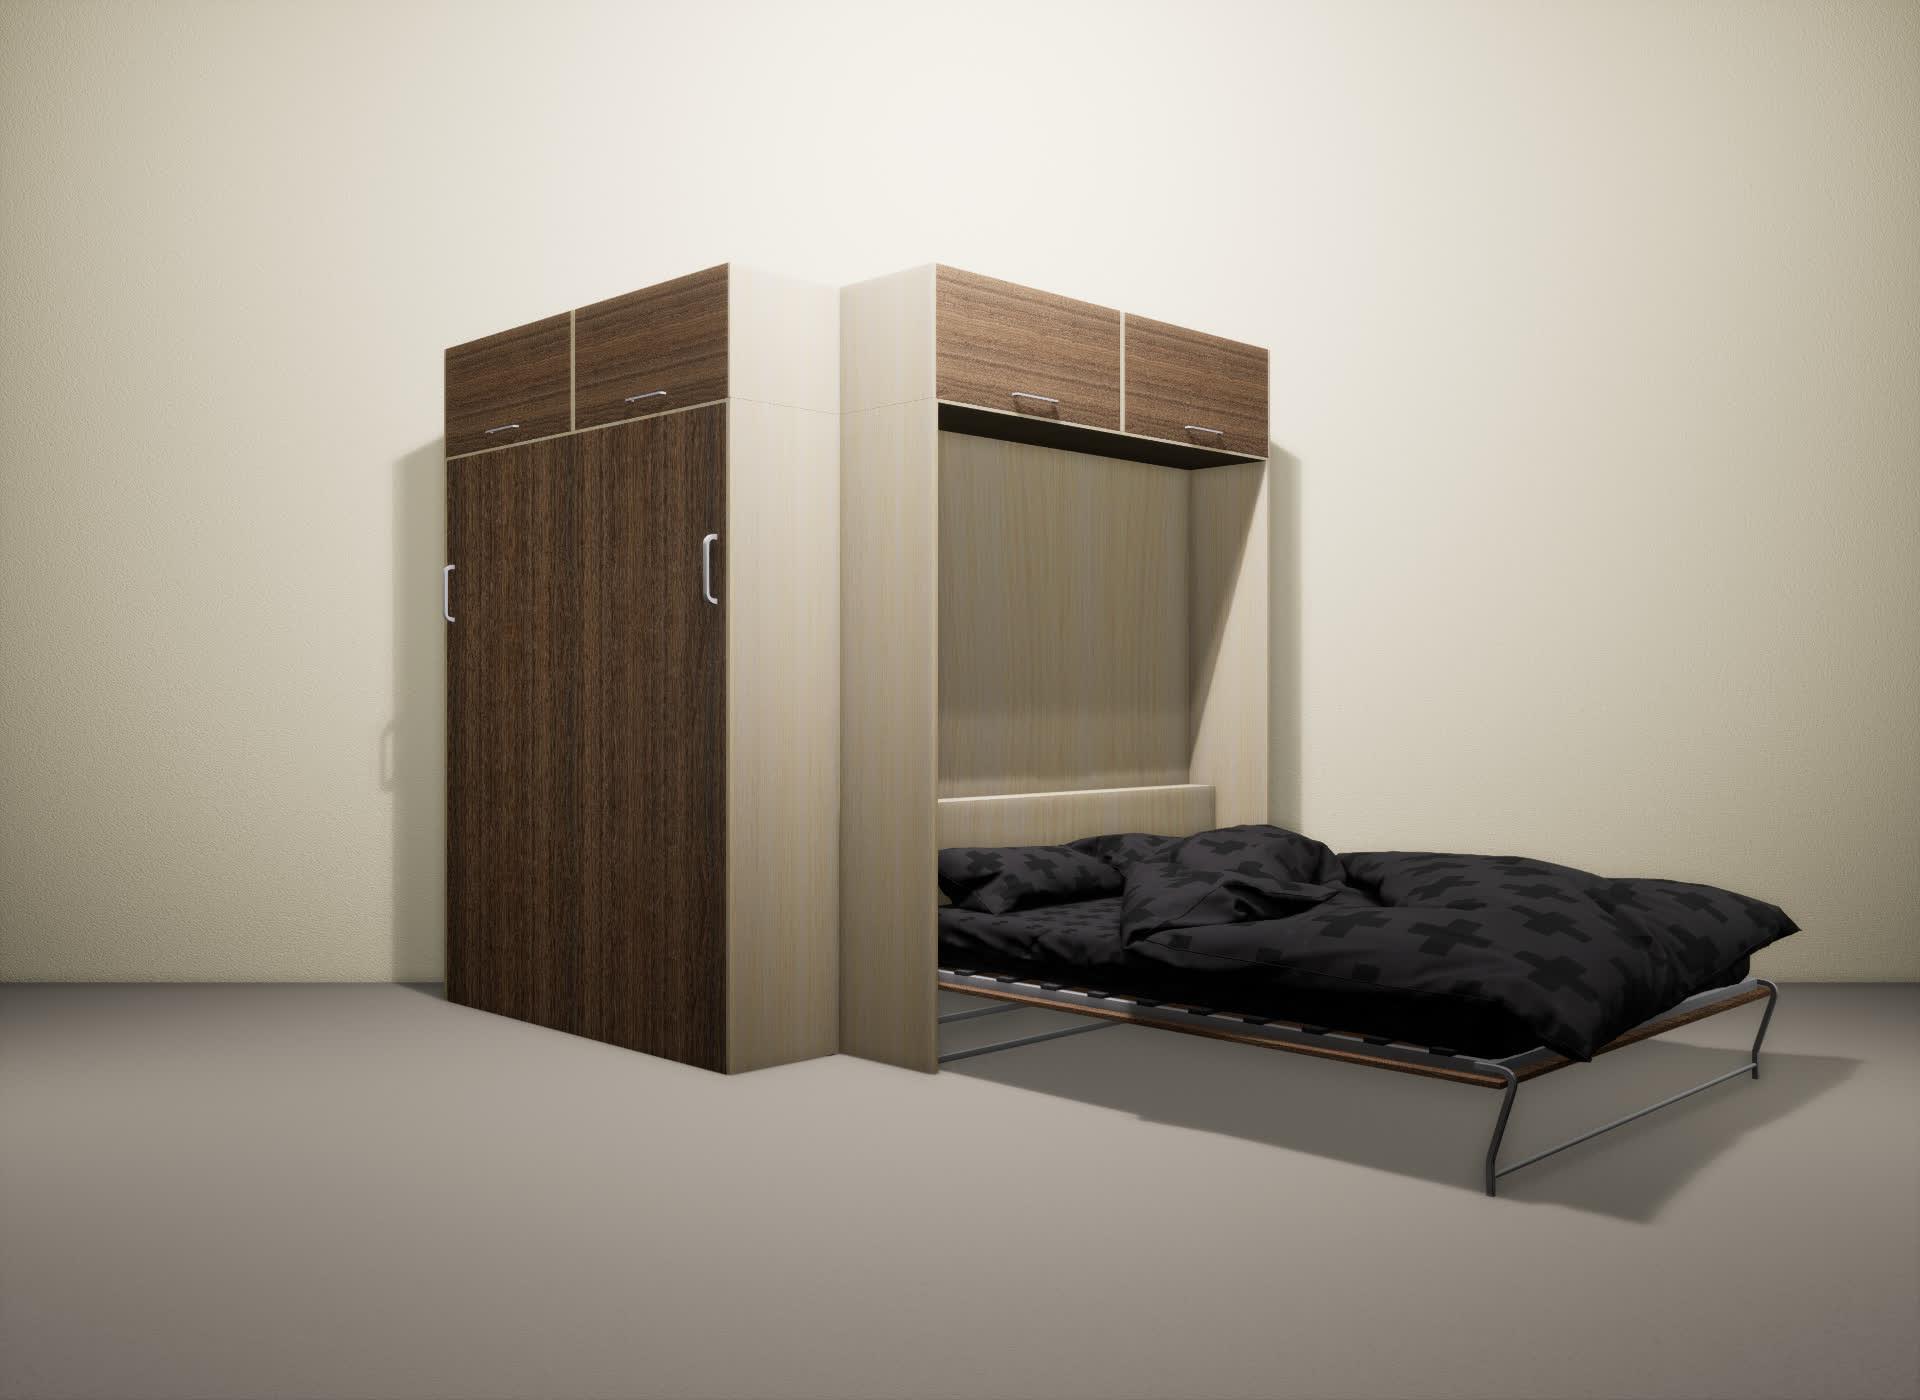 Шкаф-кровать SMART HOME Альфа молочный дуб/шамони